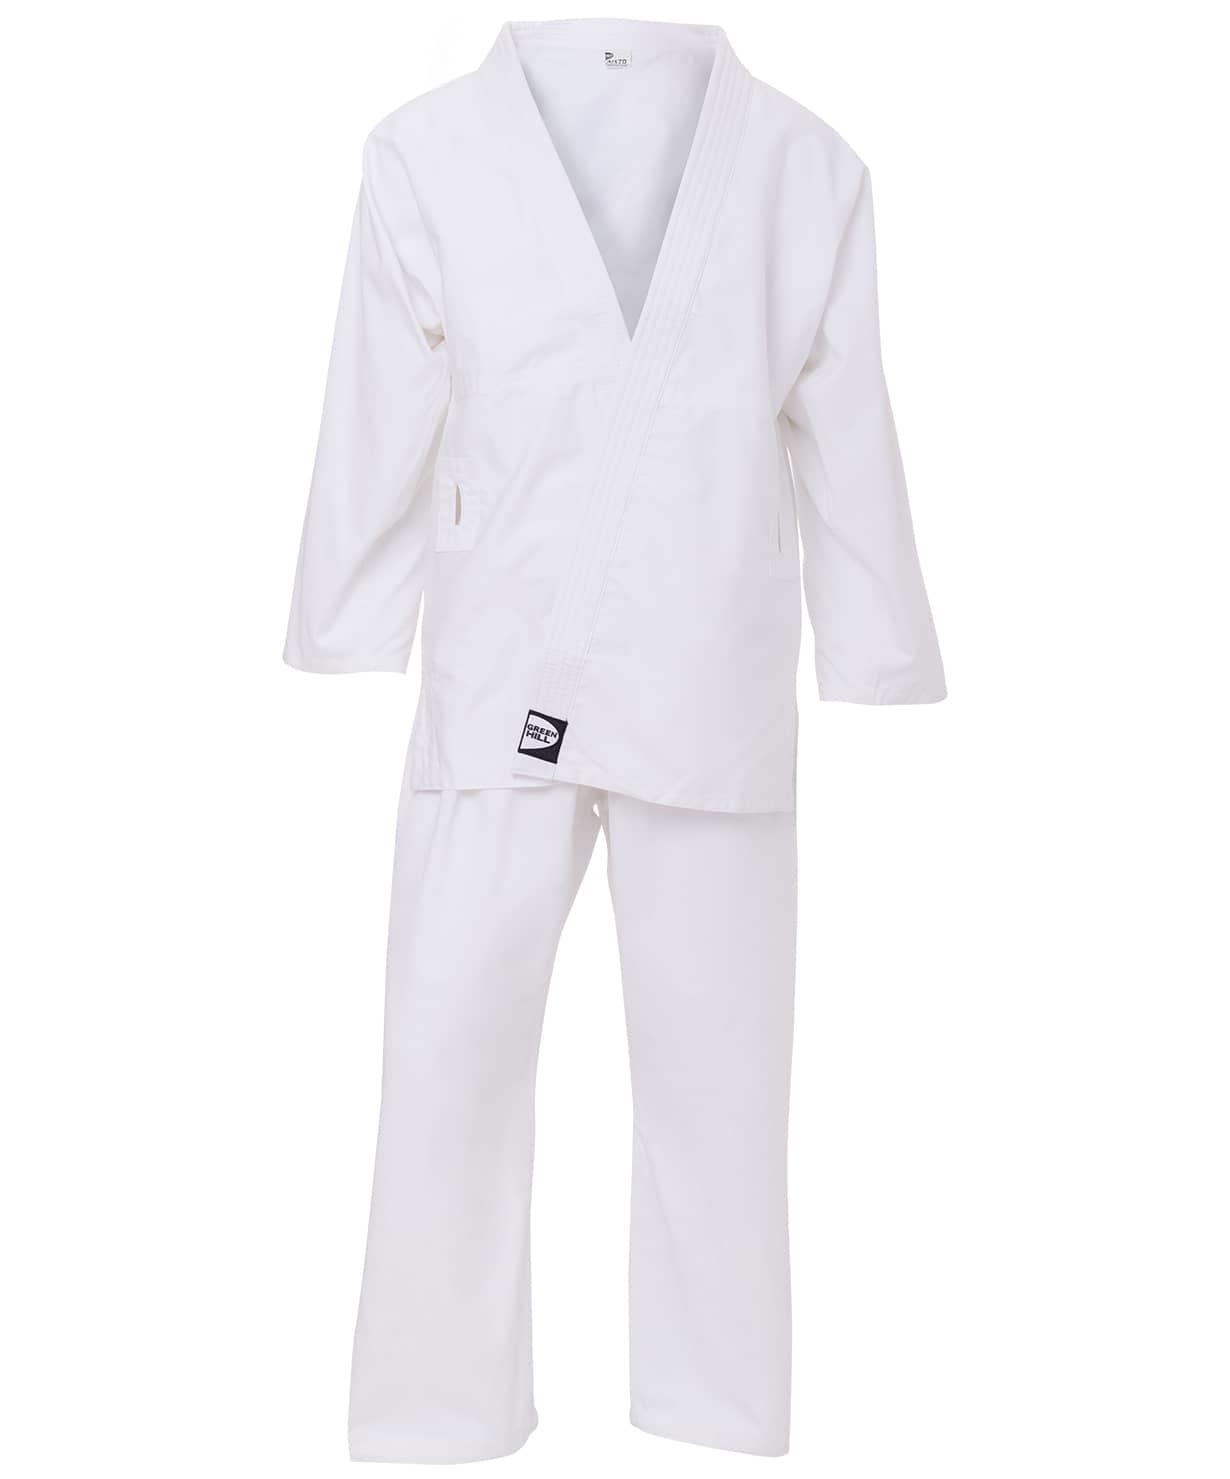 Кимоно для рукопашного боя Junior SHH-2210, белый, р.2/150